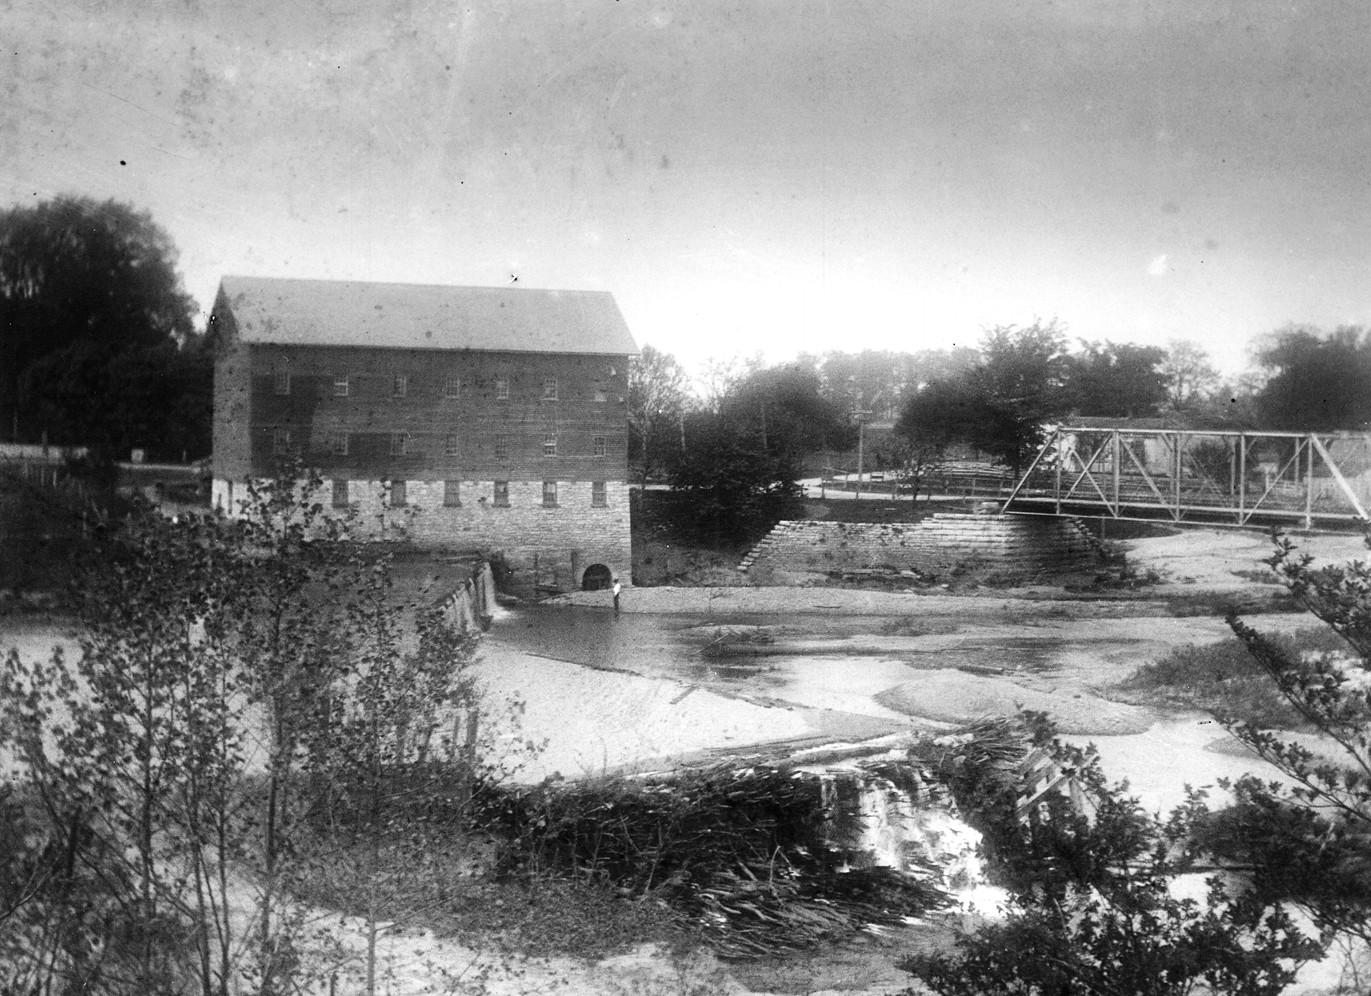 Markle Mill